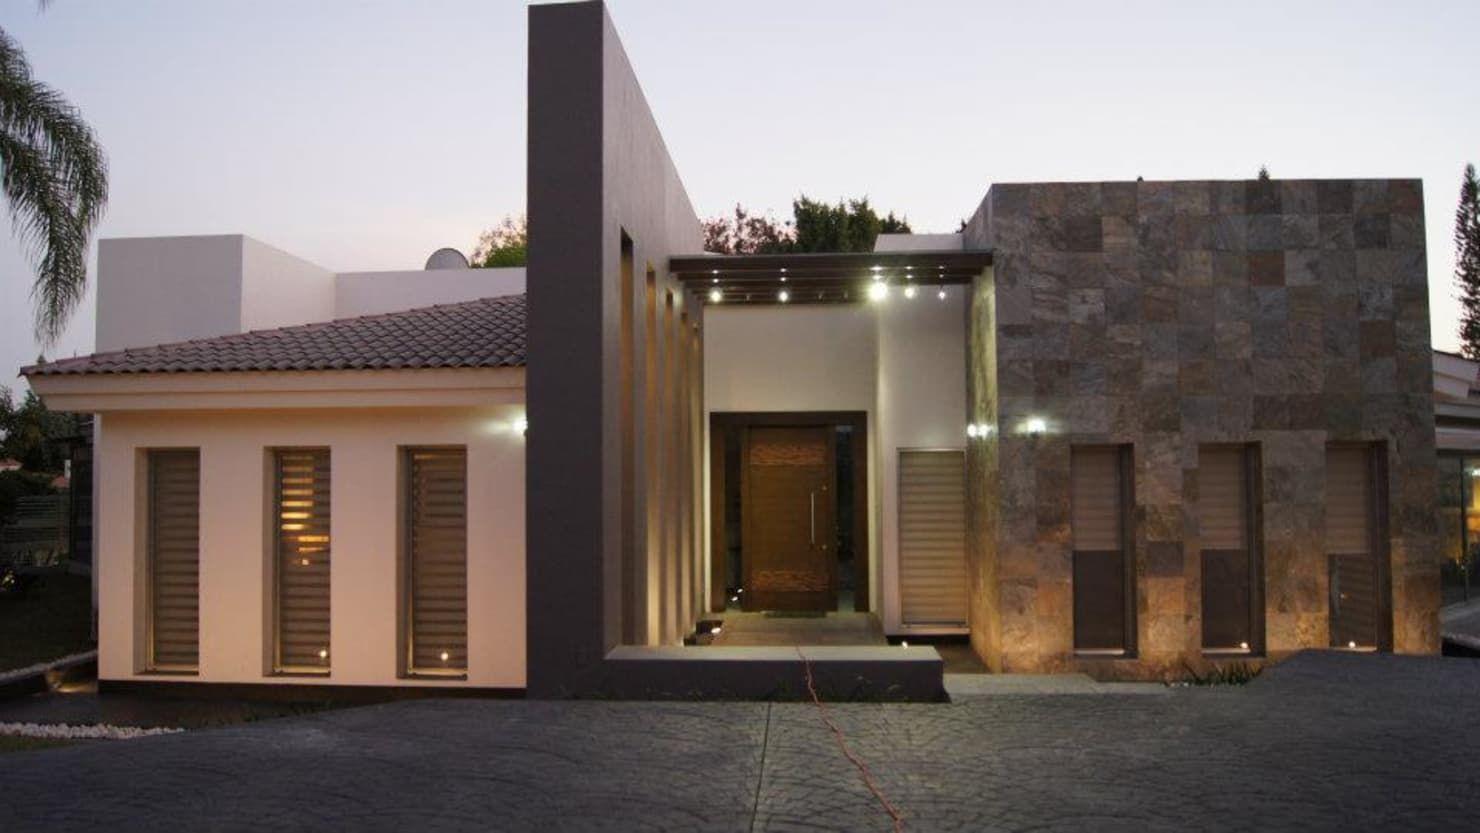 Club De Golf Santa Anita Salones Modernos De Arki3d Moderno Homify En 2020 Ampliaciones De Casas Arquitectura Techo De Patio